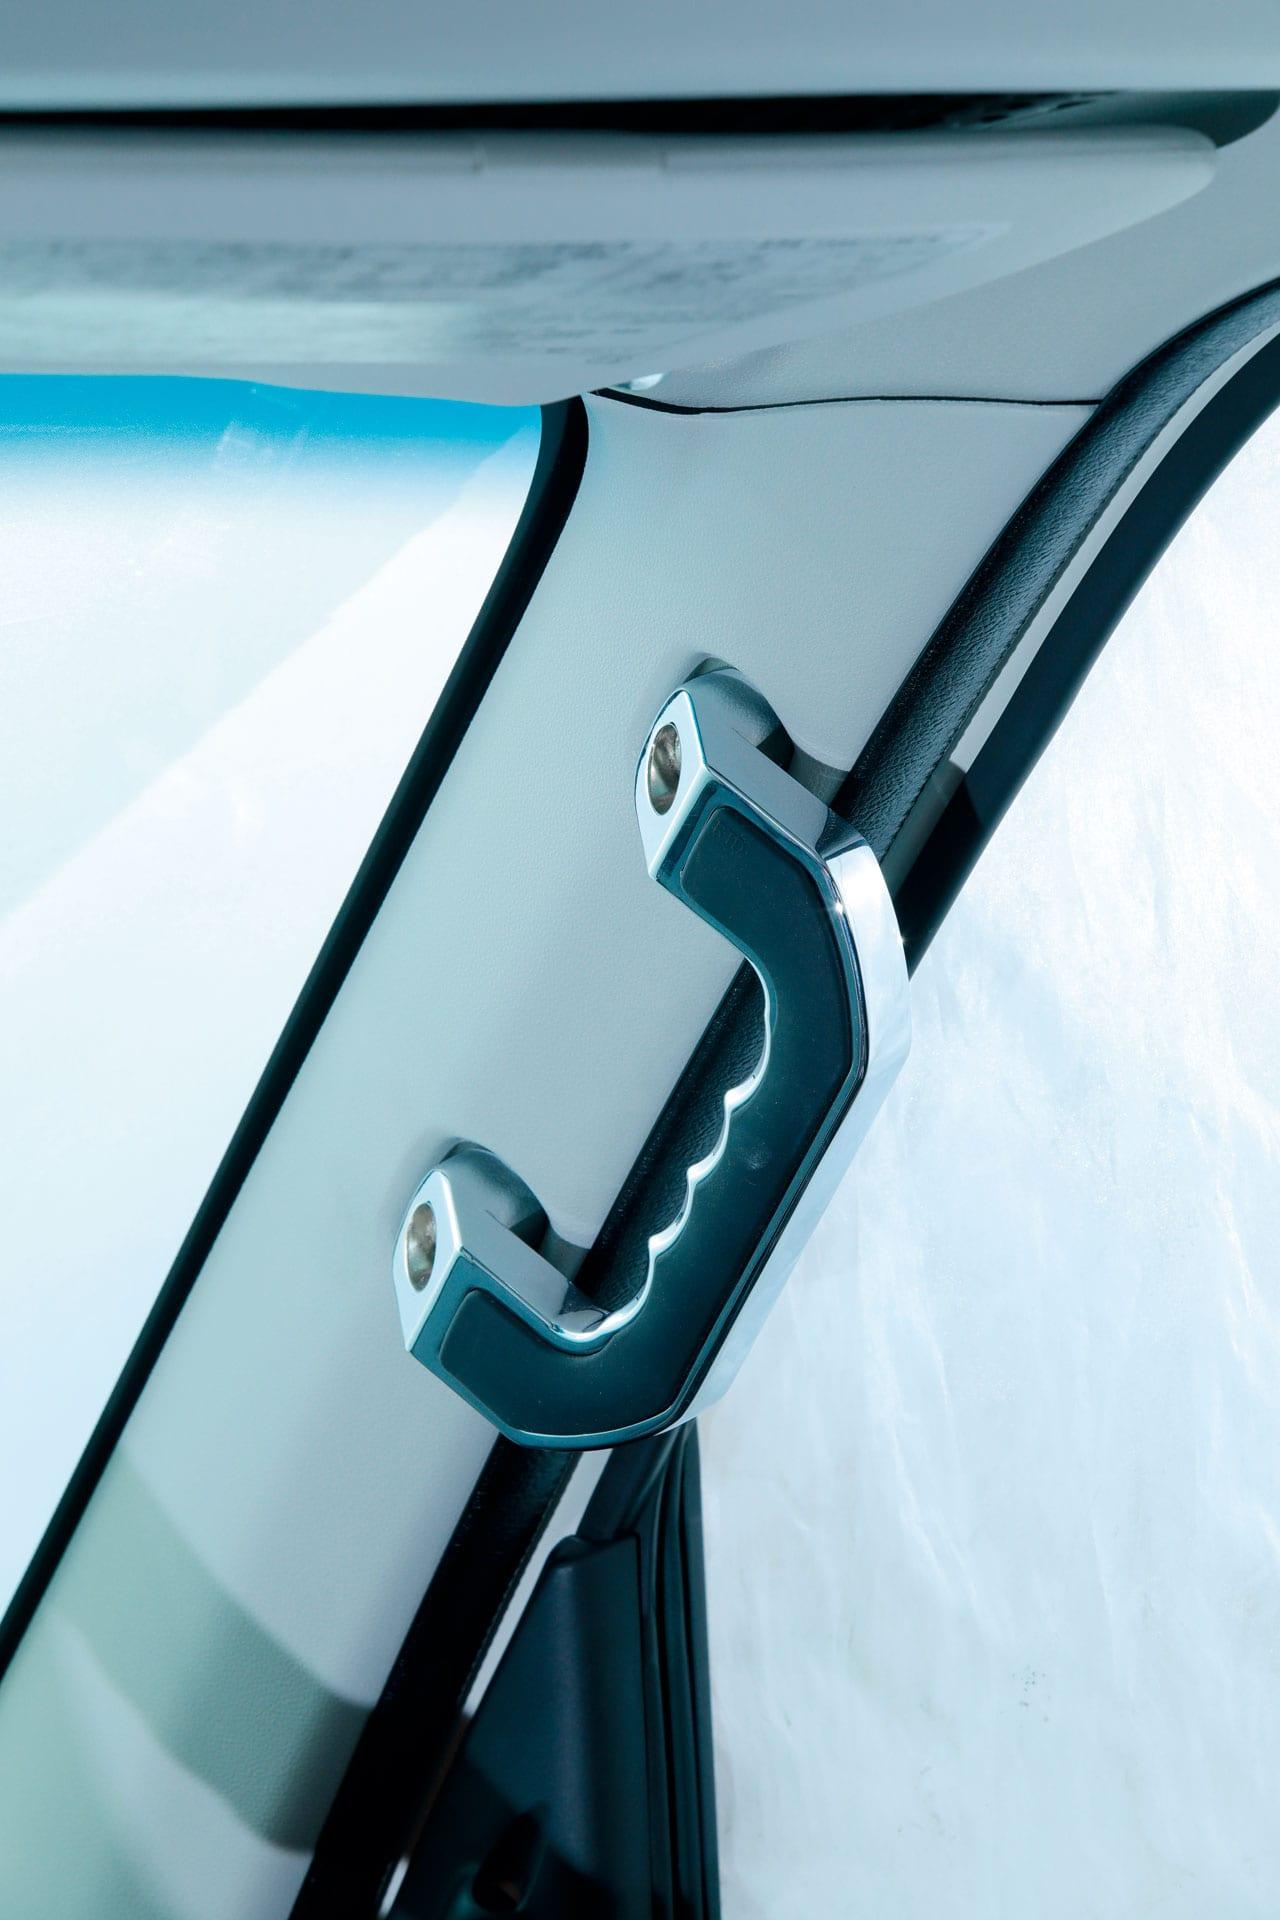 軽バンをワゴン風カスタマイズ! まるでミニバン、ハイゼットカーゴ&エブリイバン、高級感アップ!